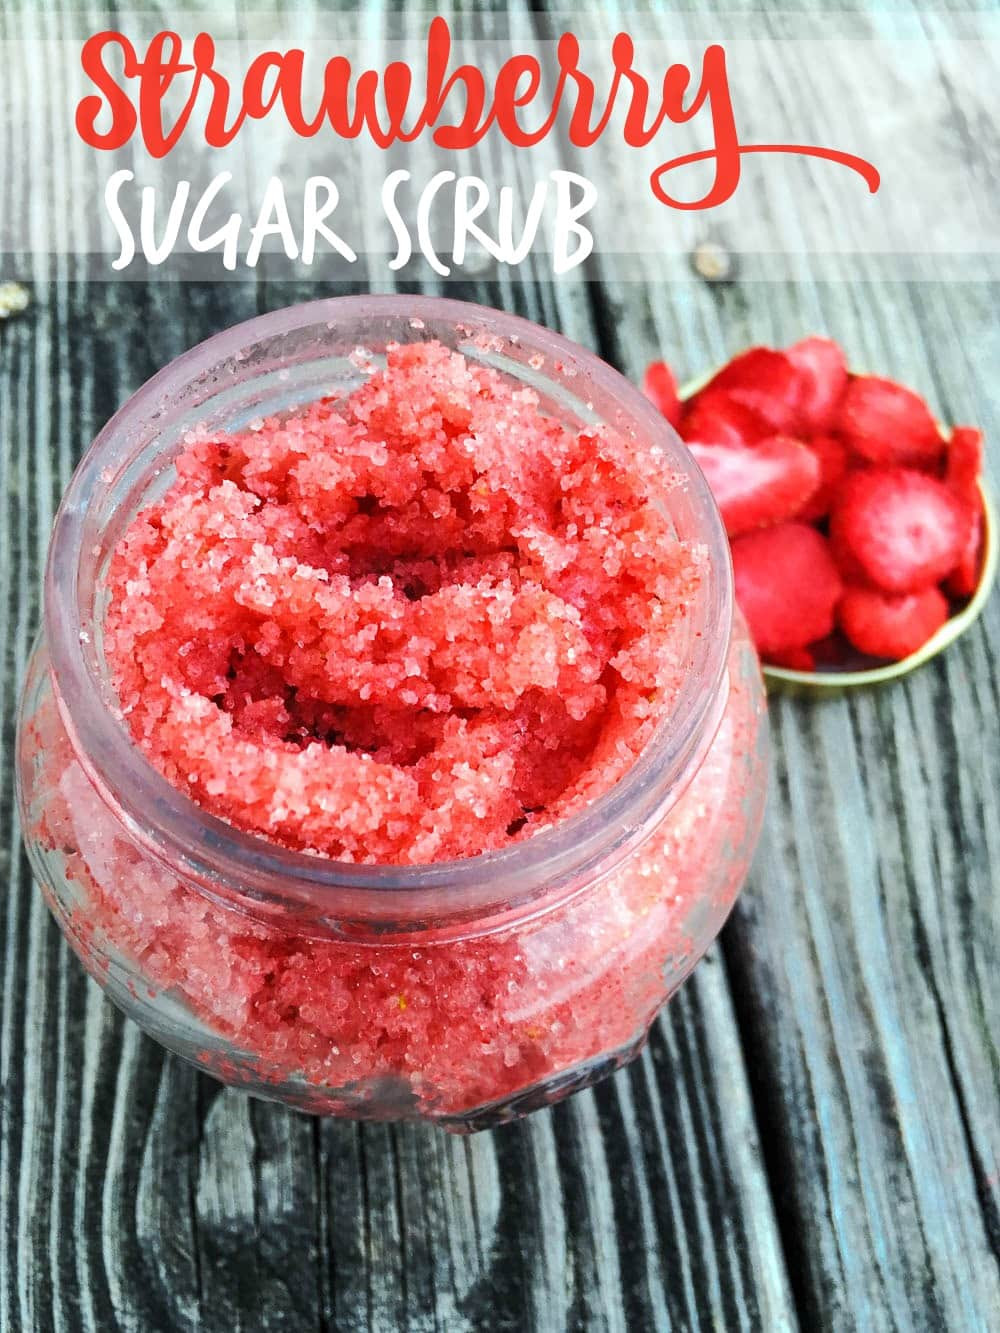 Sugar Scrub Diy  DIY Strawberry Sugar Scrub